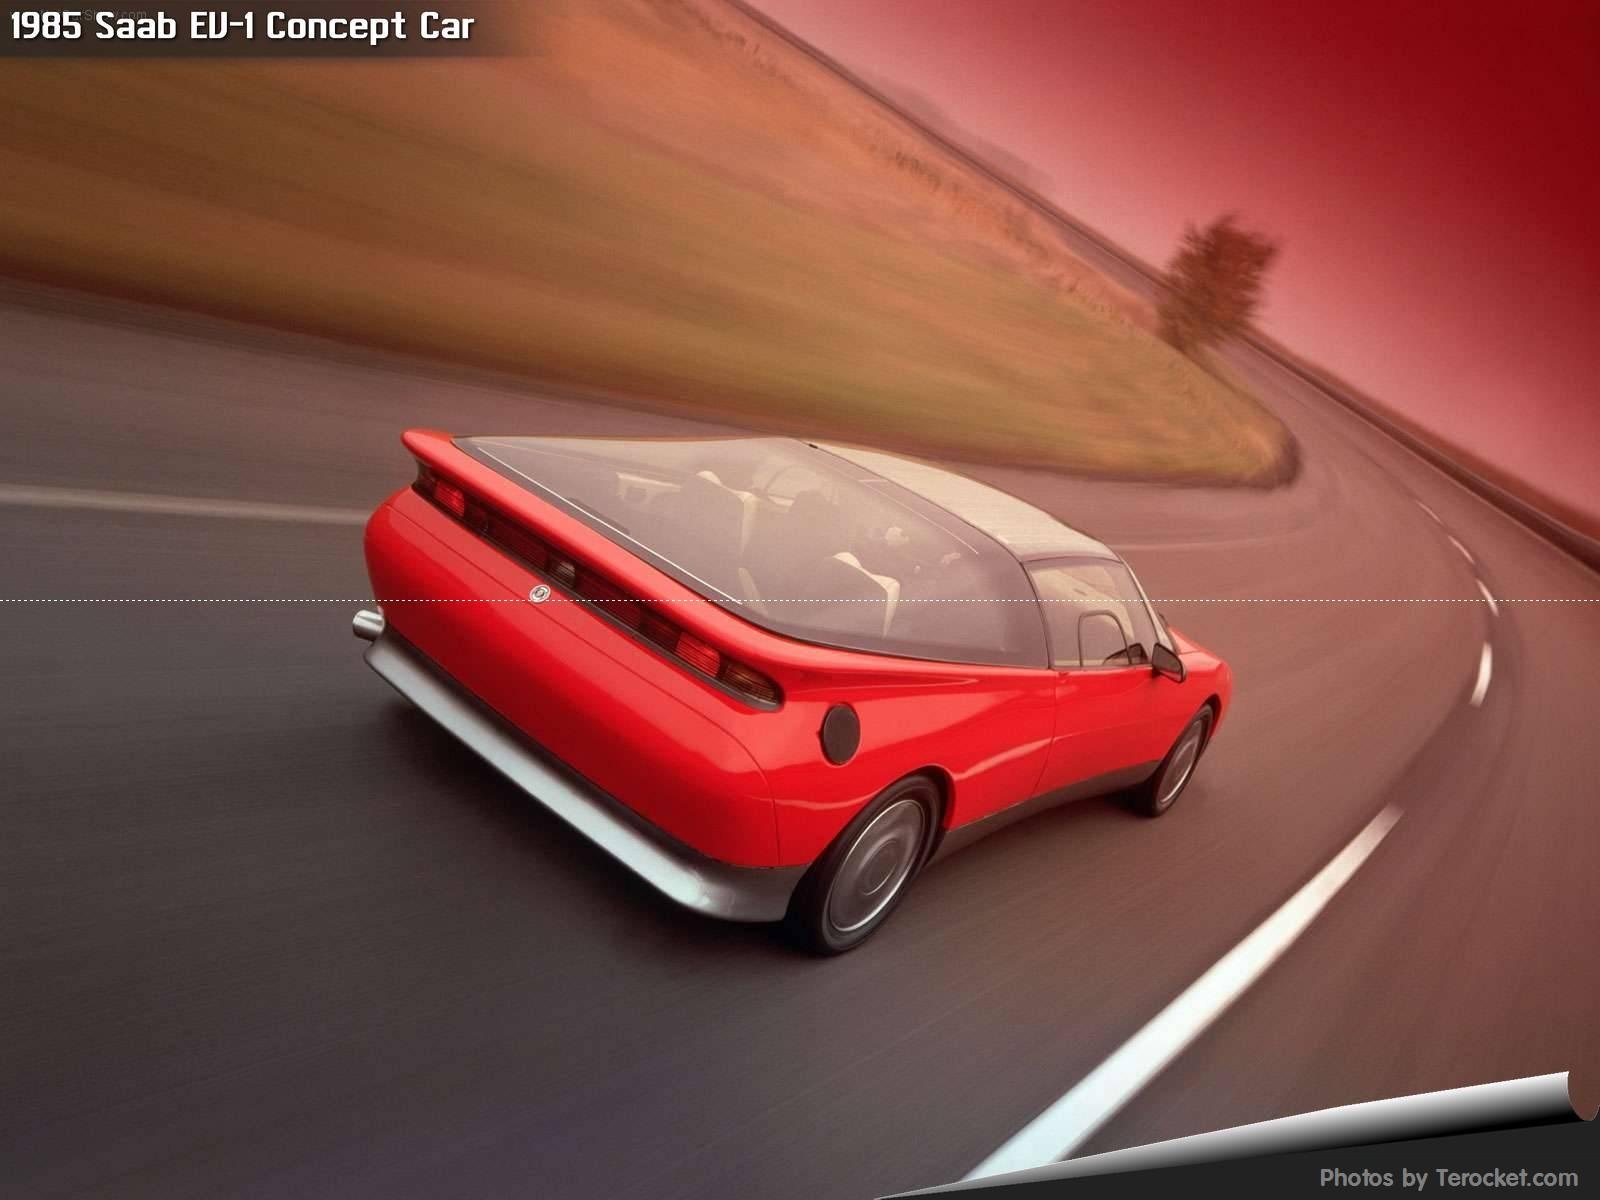 Hình ảnh xe ô tô Saab EV-1 Concept Car 1985 & nội ngoại thất